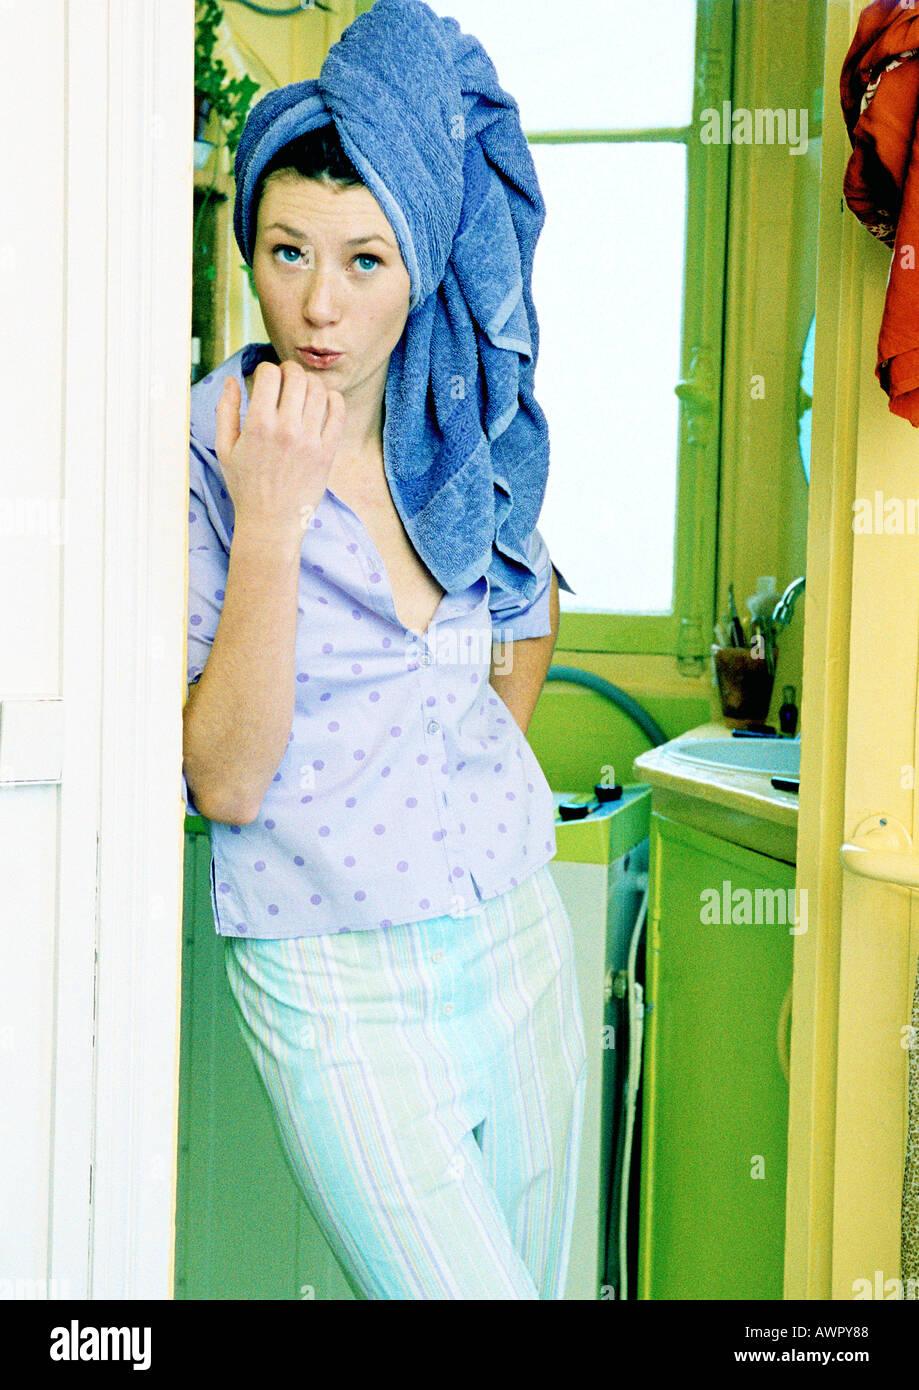 Jeune femme debout dans la salle de bain, soufflant sur ses ongles. Banque D'Images